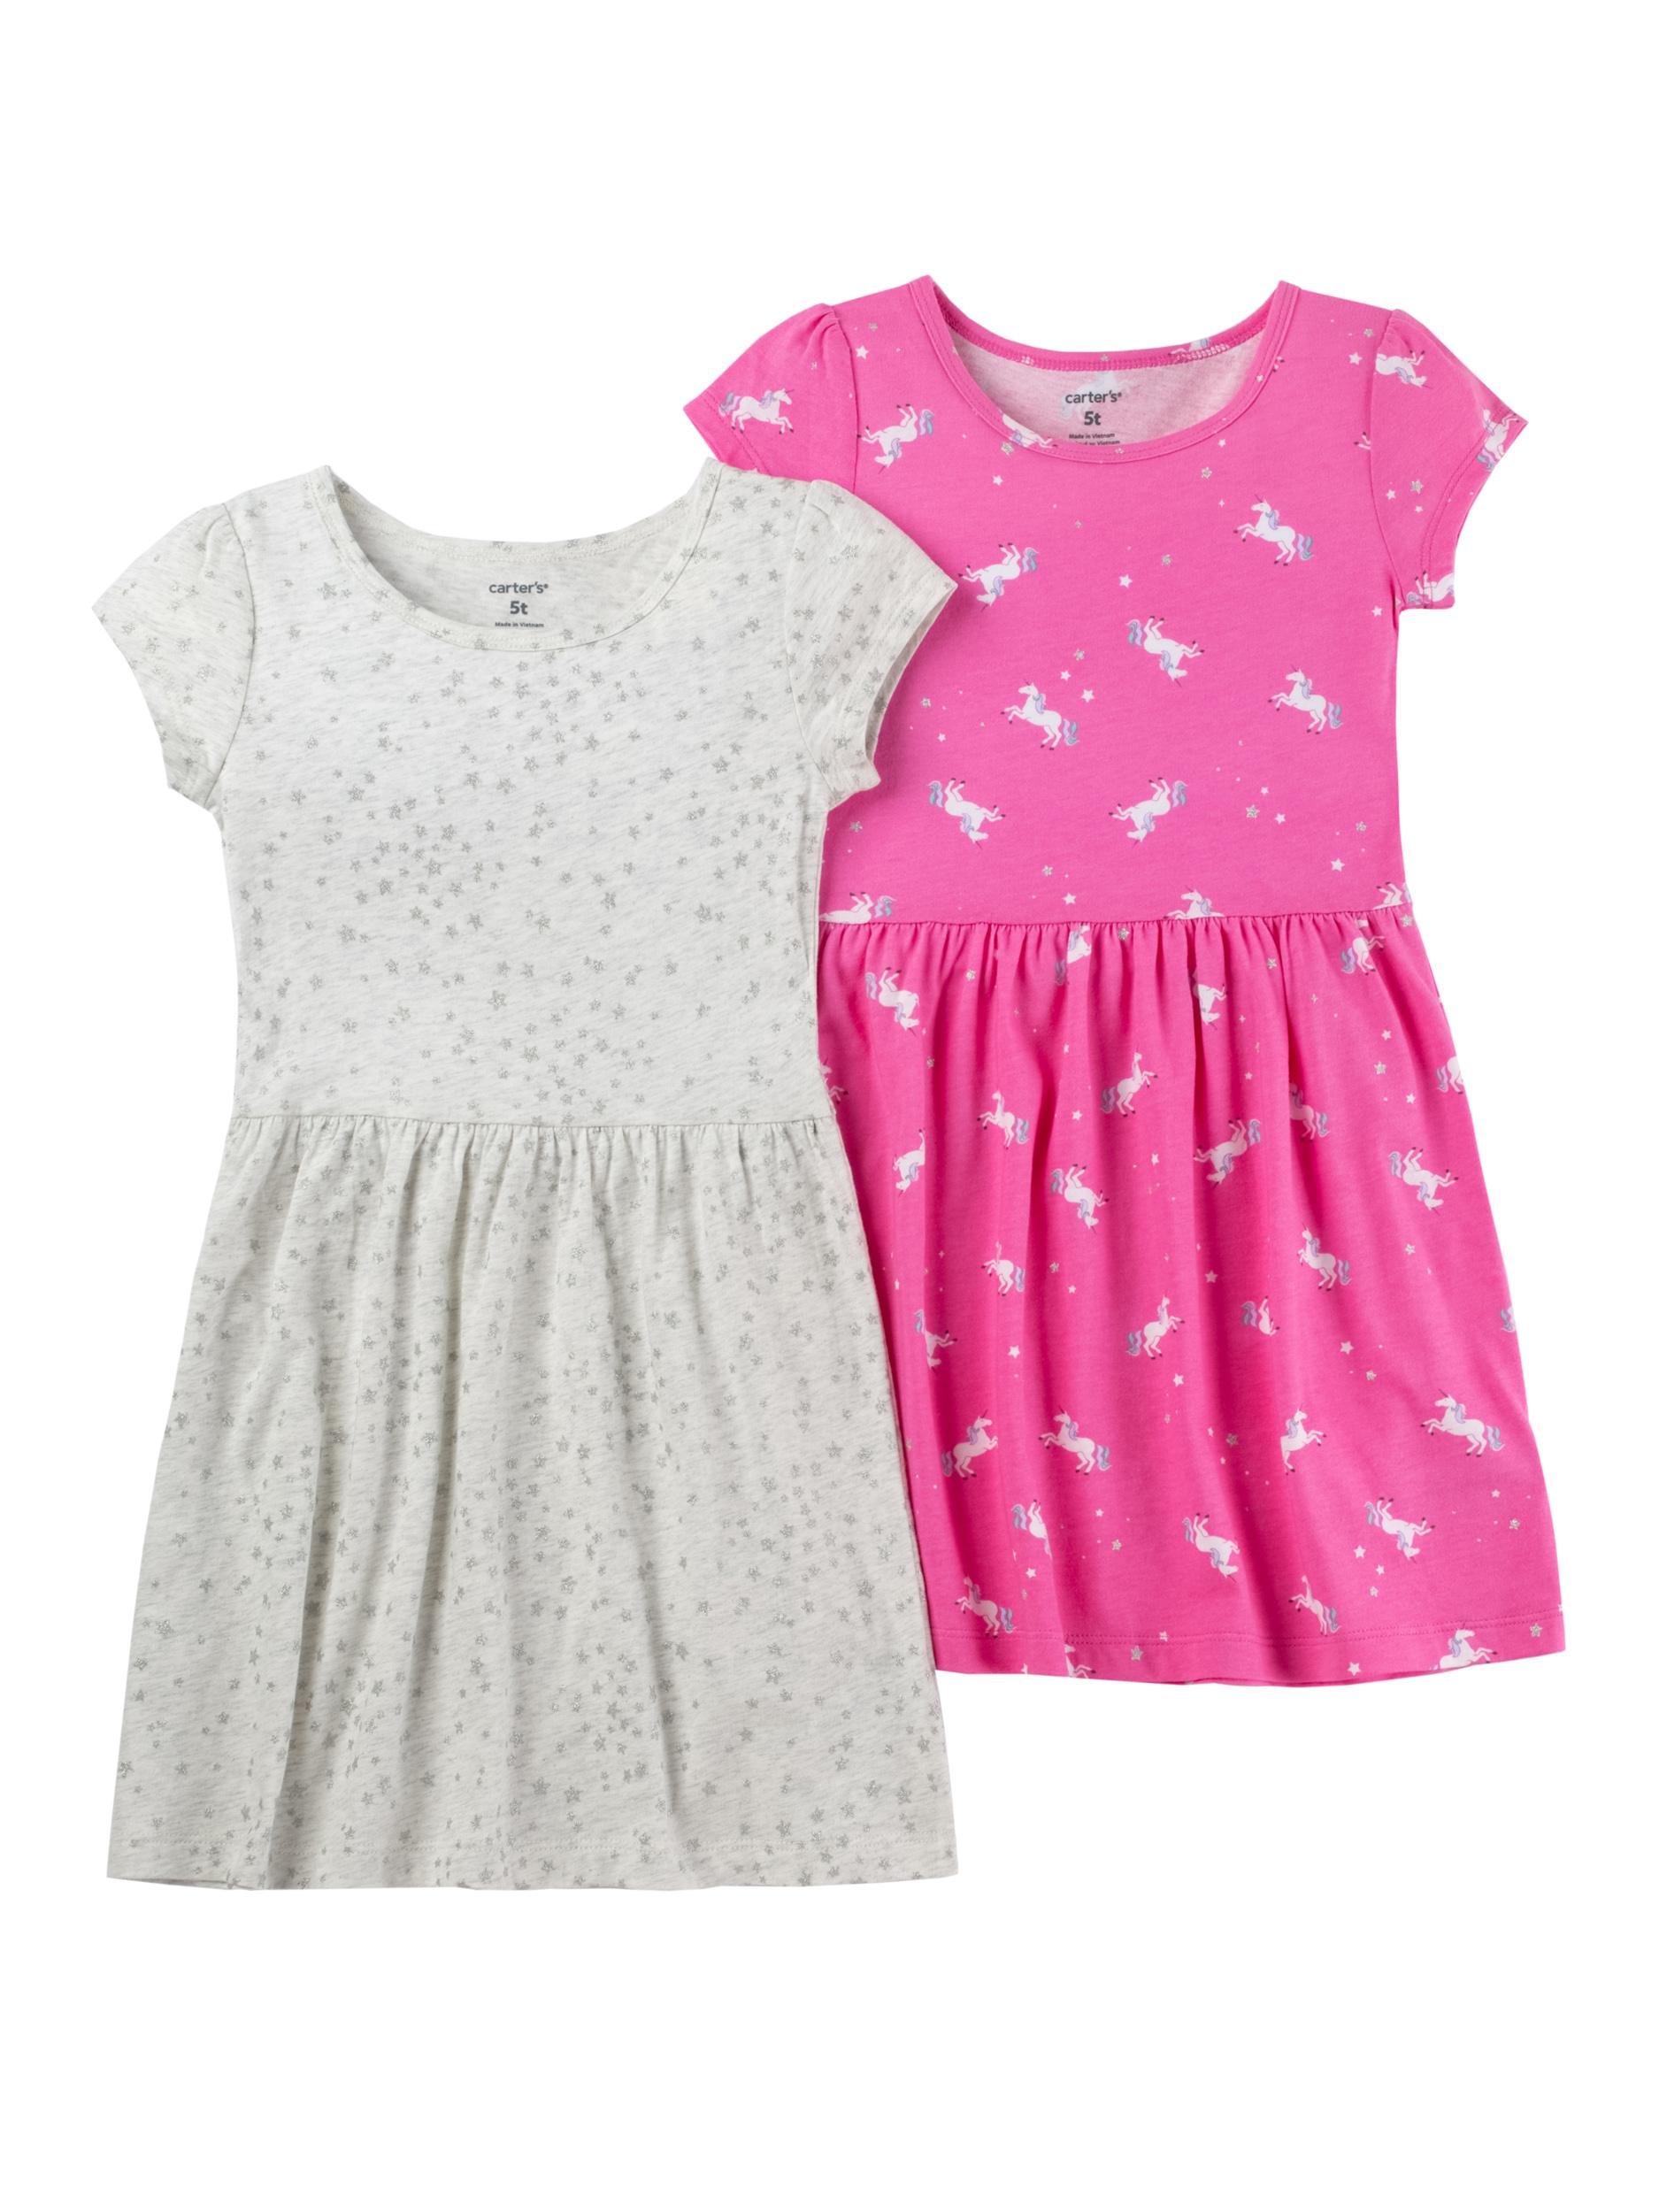 זוג שמלות חדי קרן/ נקודות